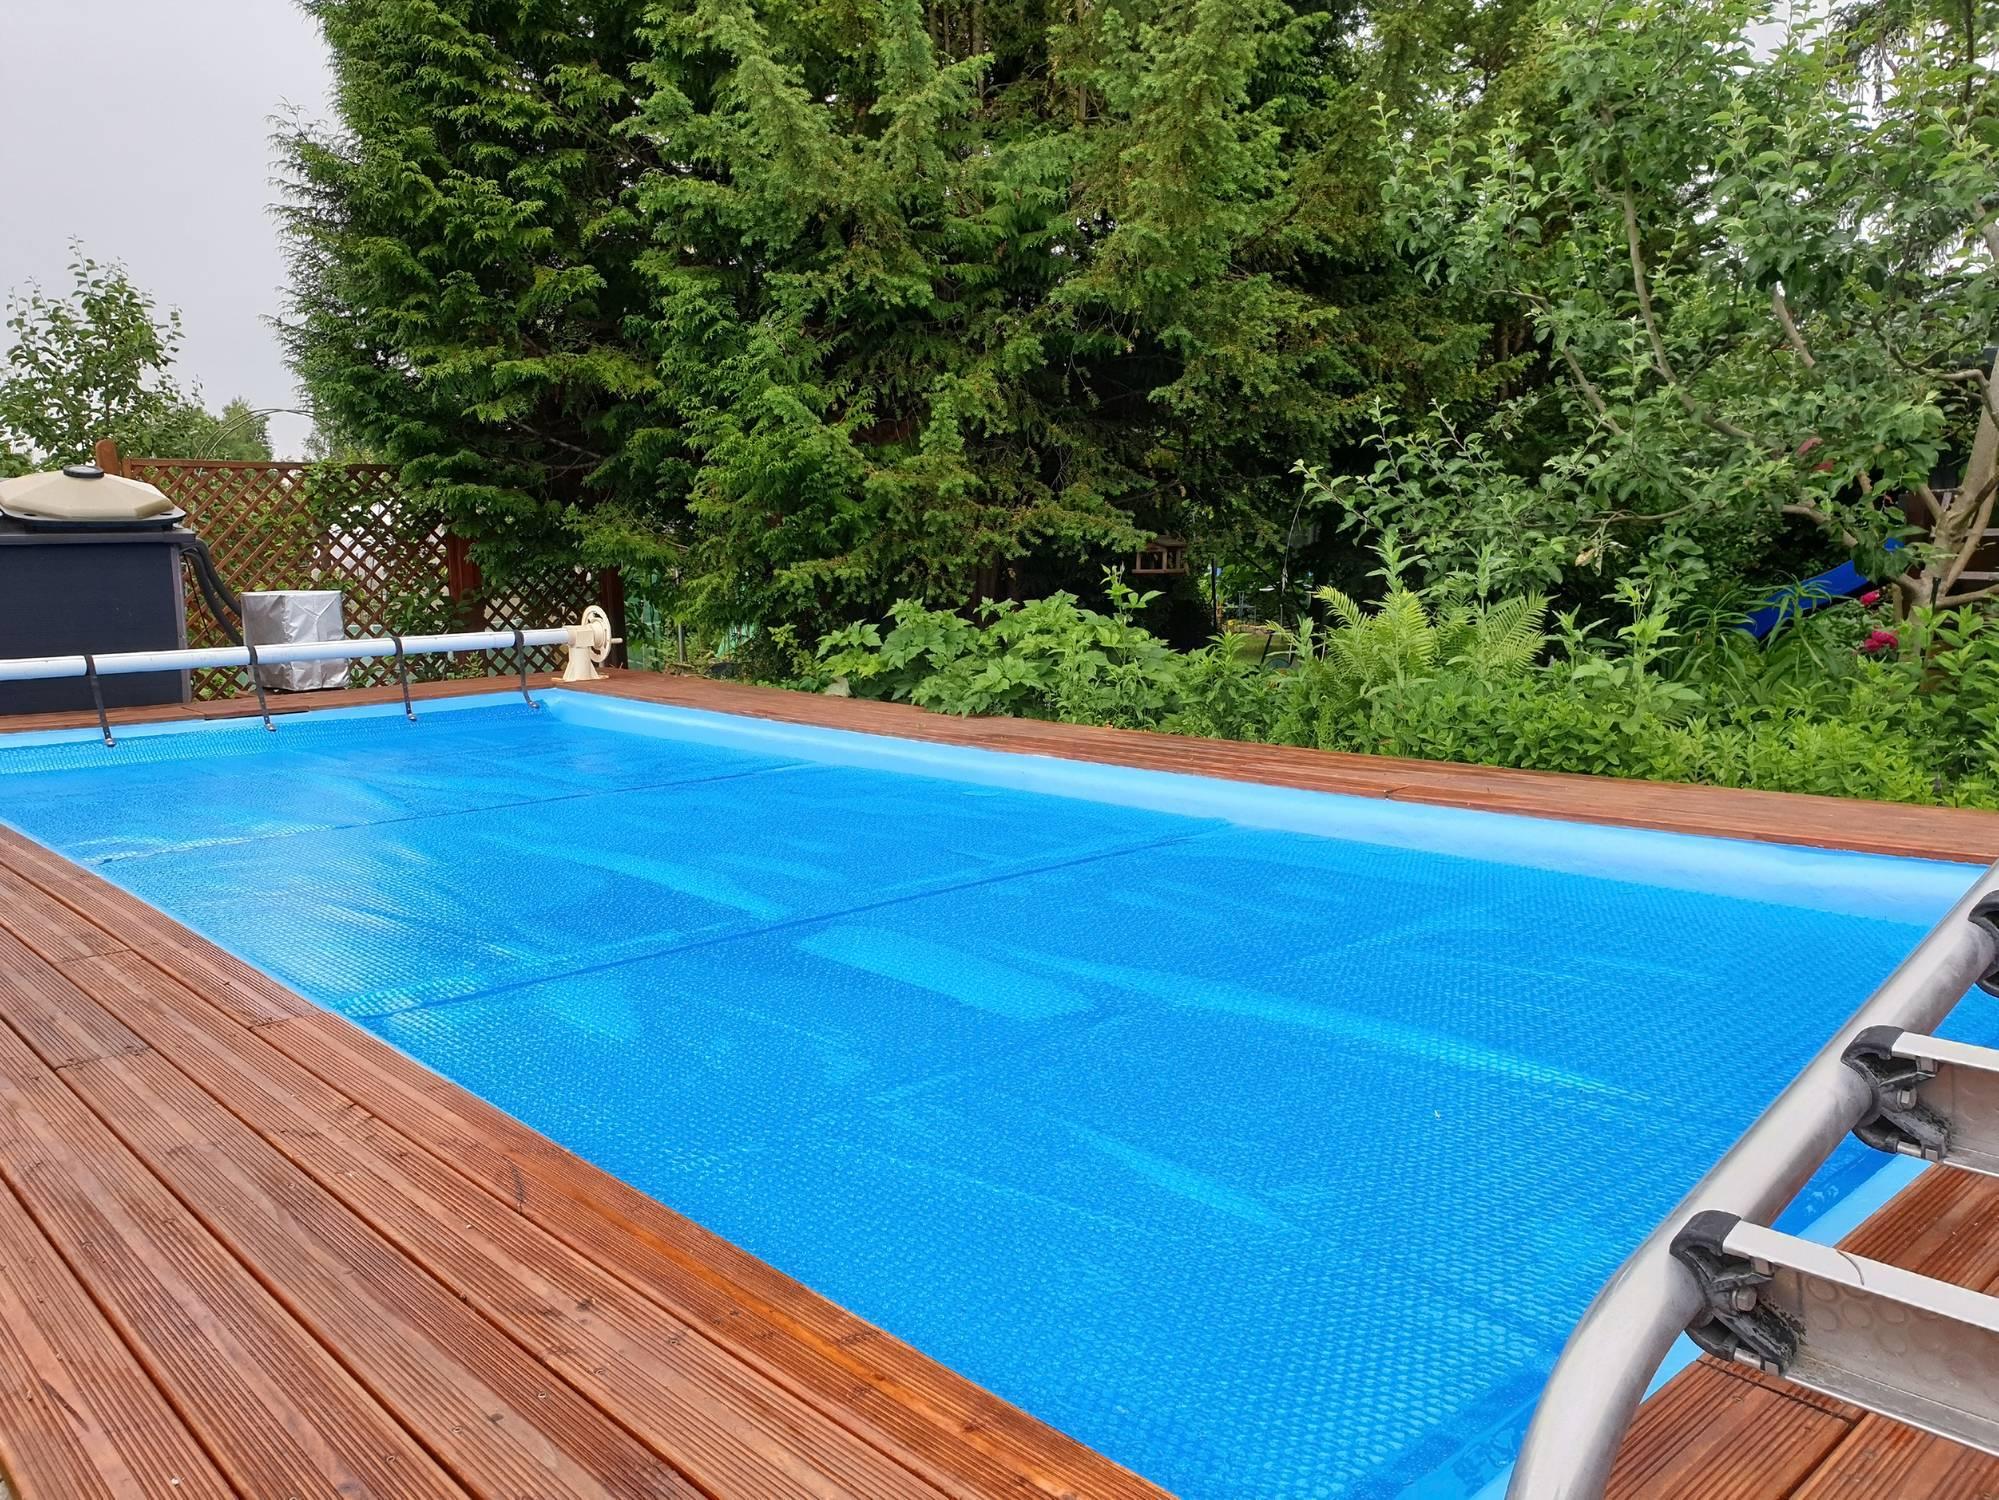 piscine, faible consommation énergétique